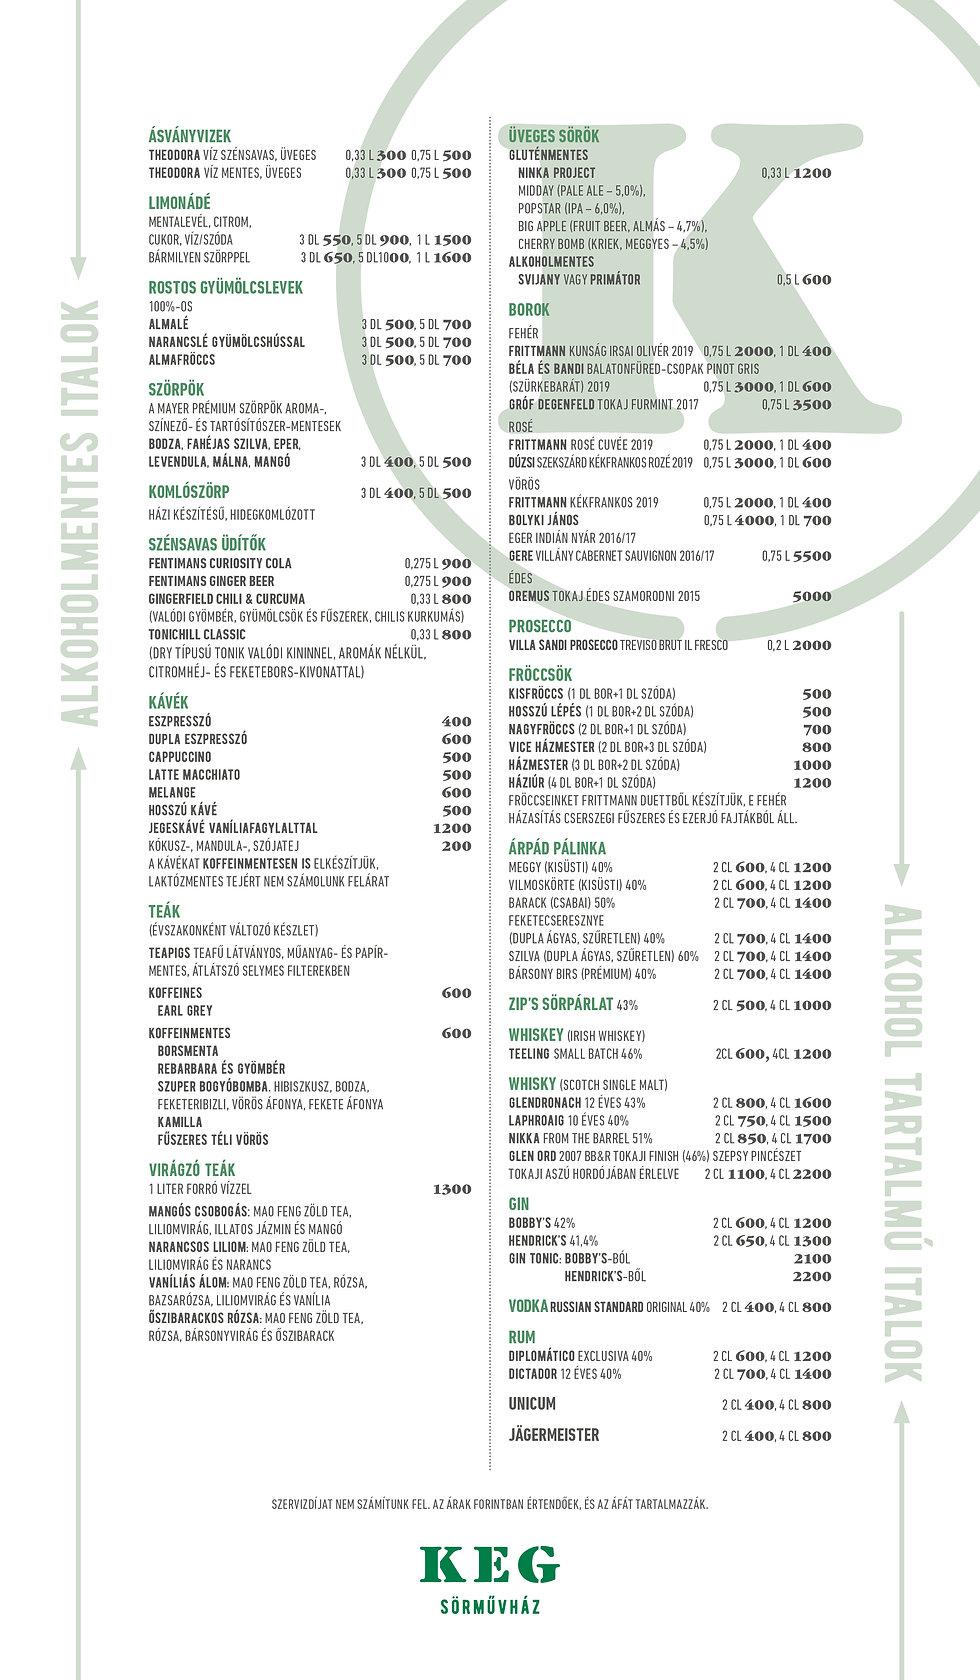 keg_sormuvhaz_menu_itallap_2020_092.jpg